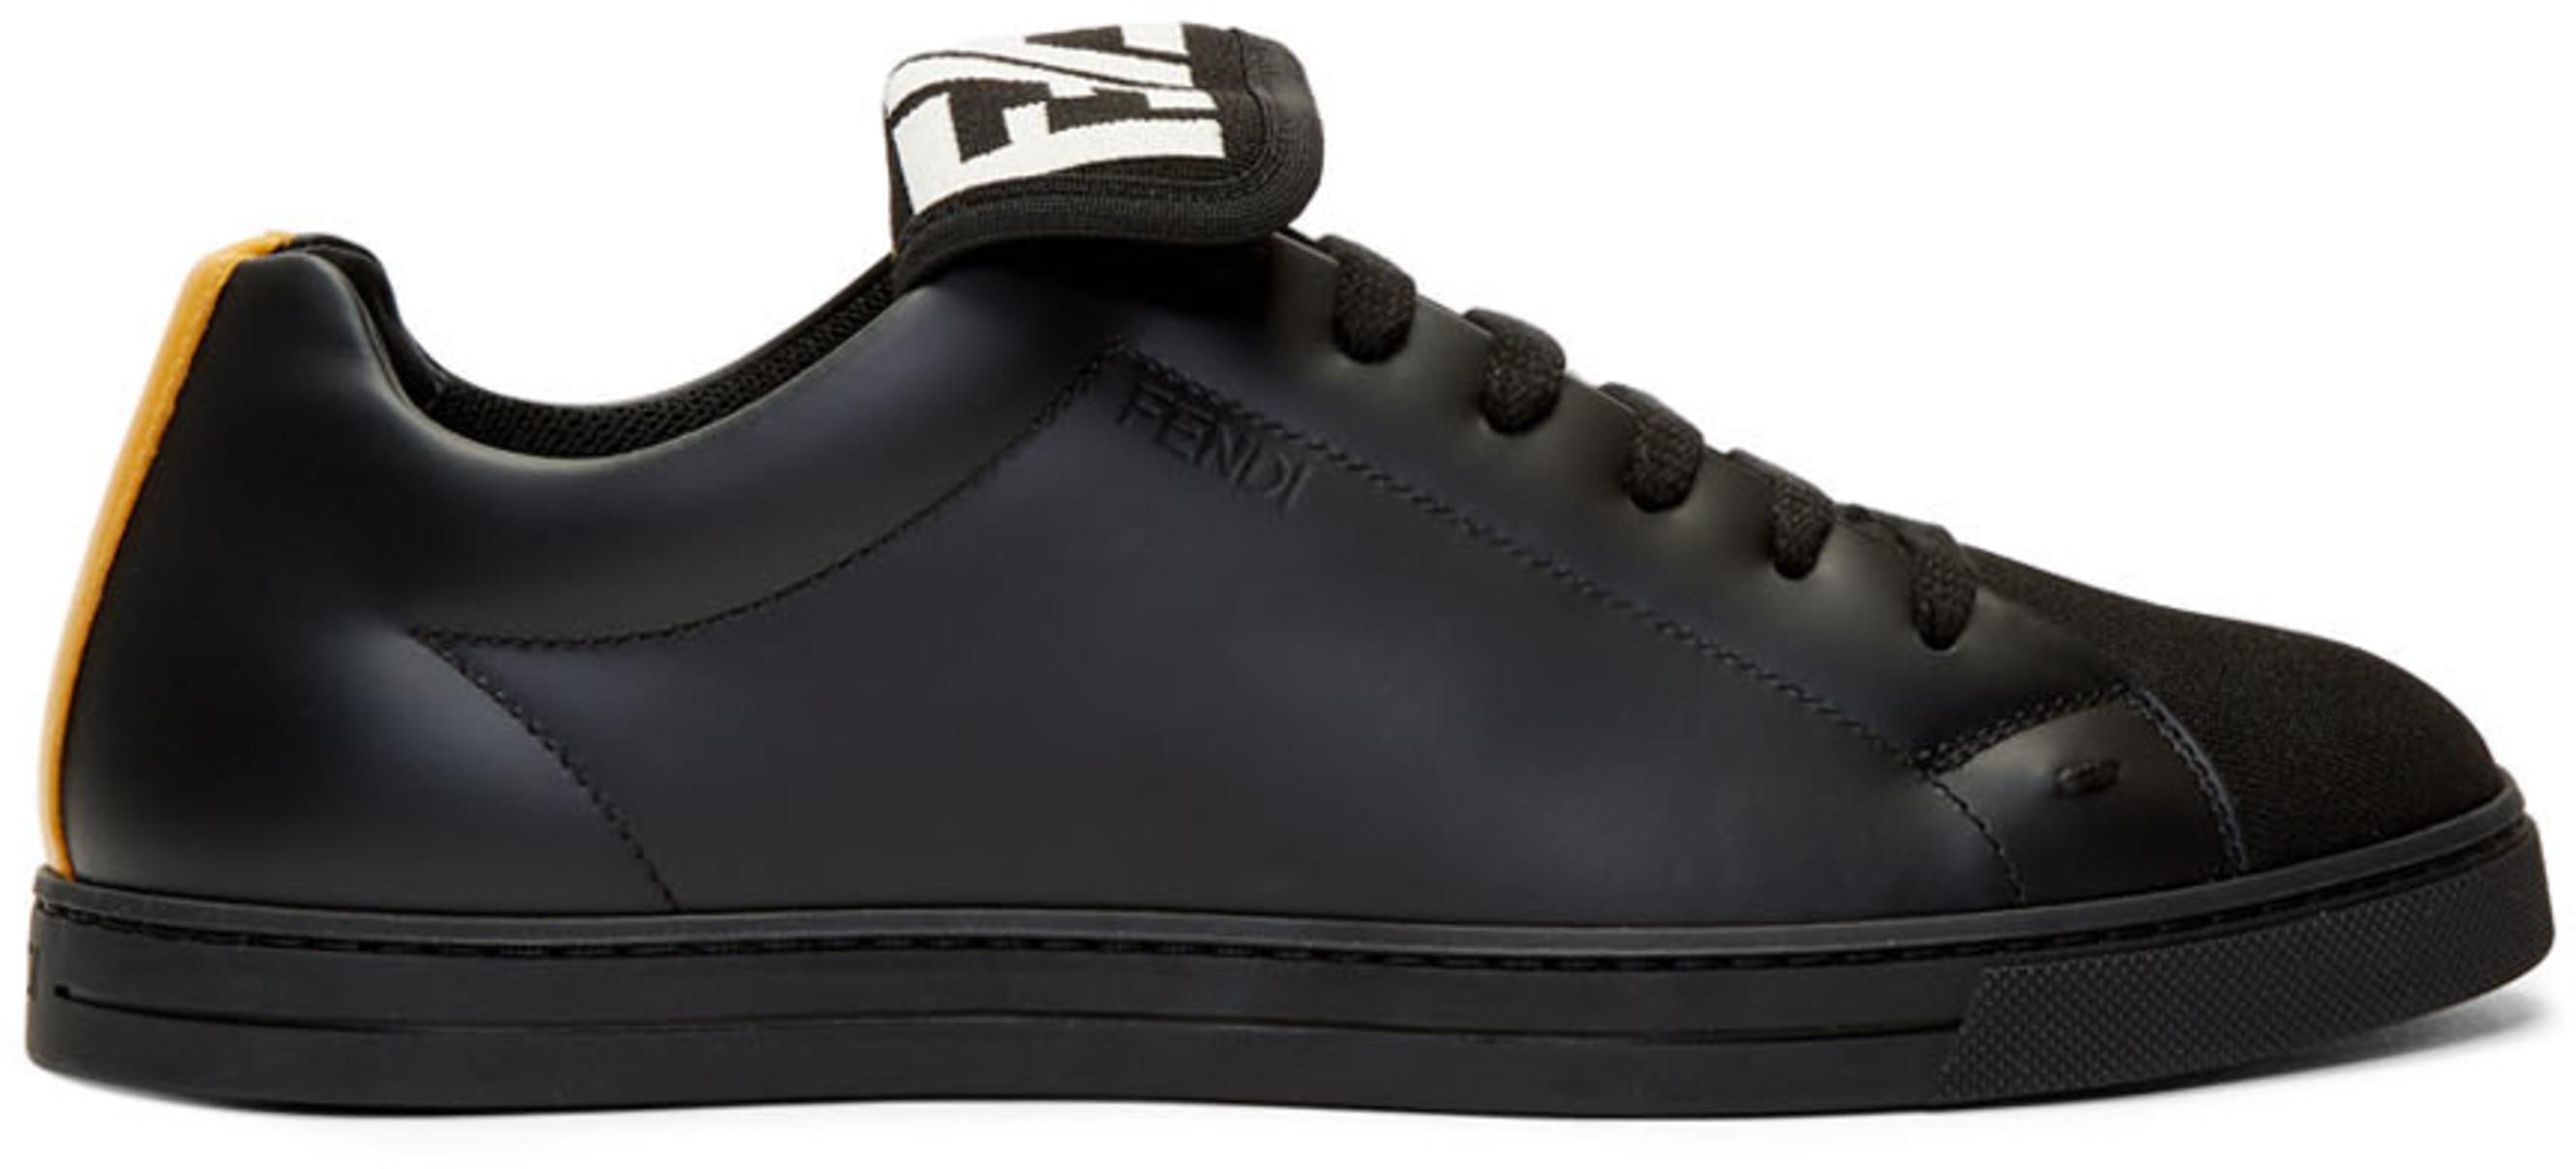 883a7365f397 Fendi shoes for Men